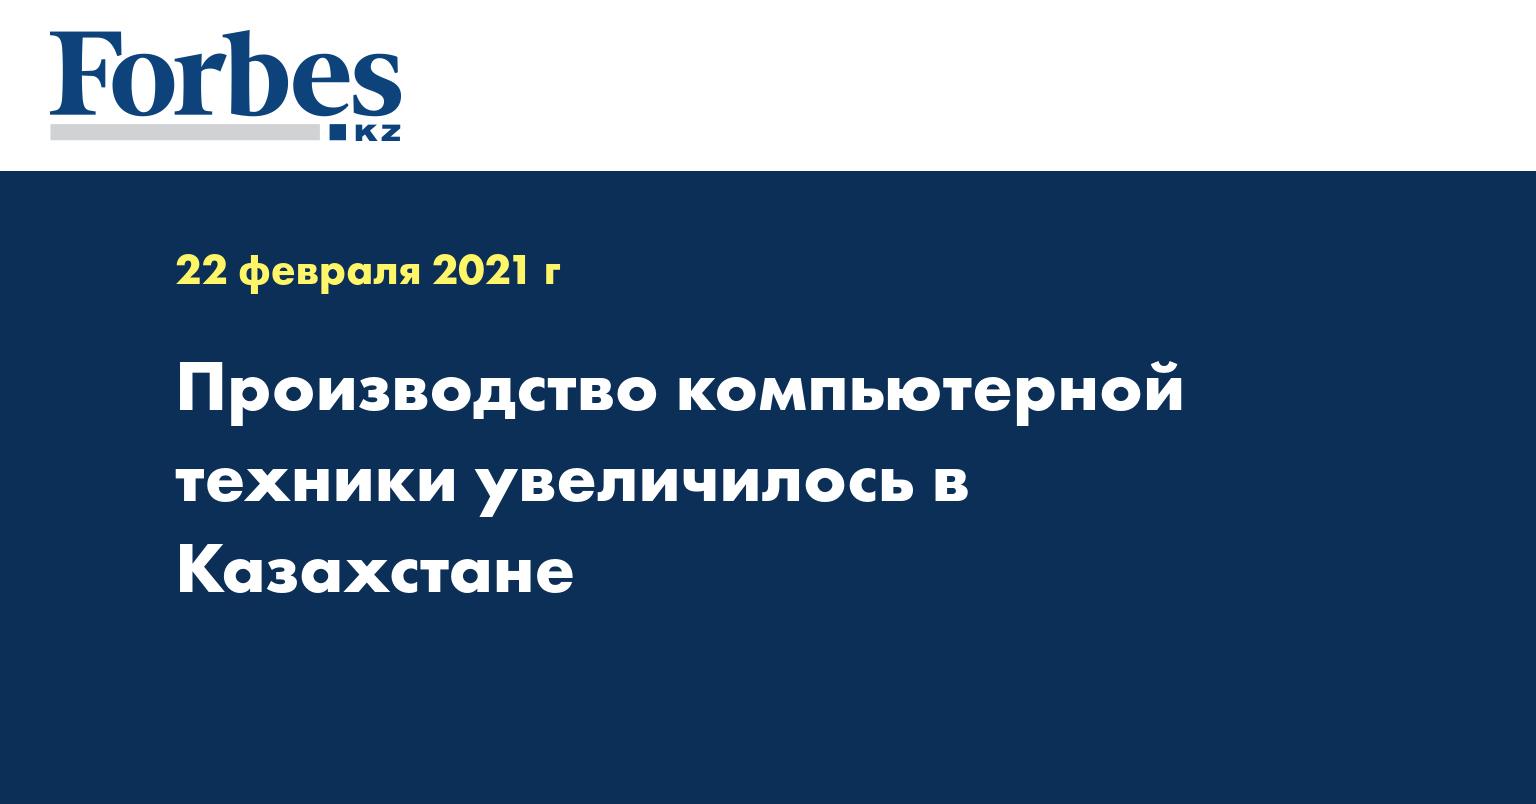 Производство компьютерной техники увеличилось в Казахстане